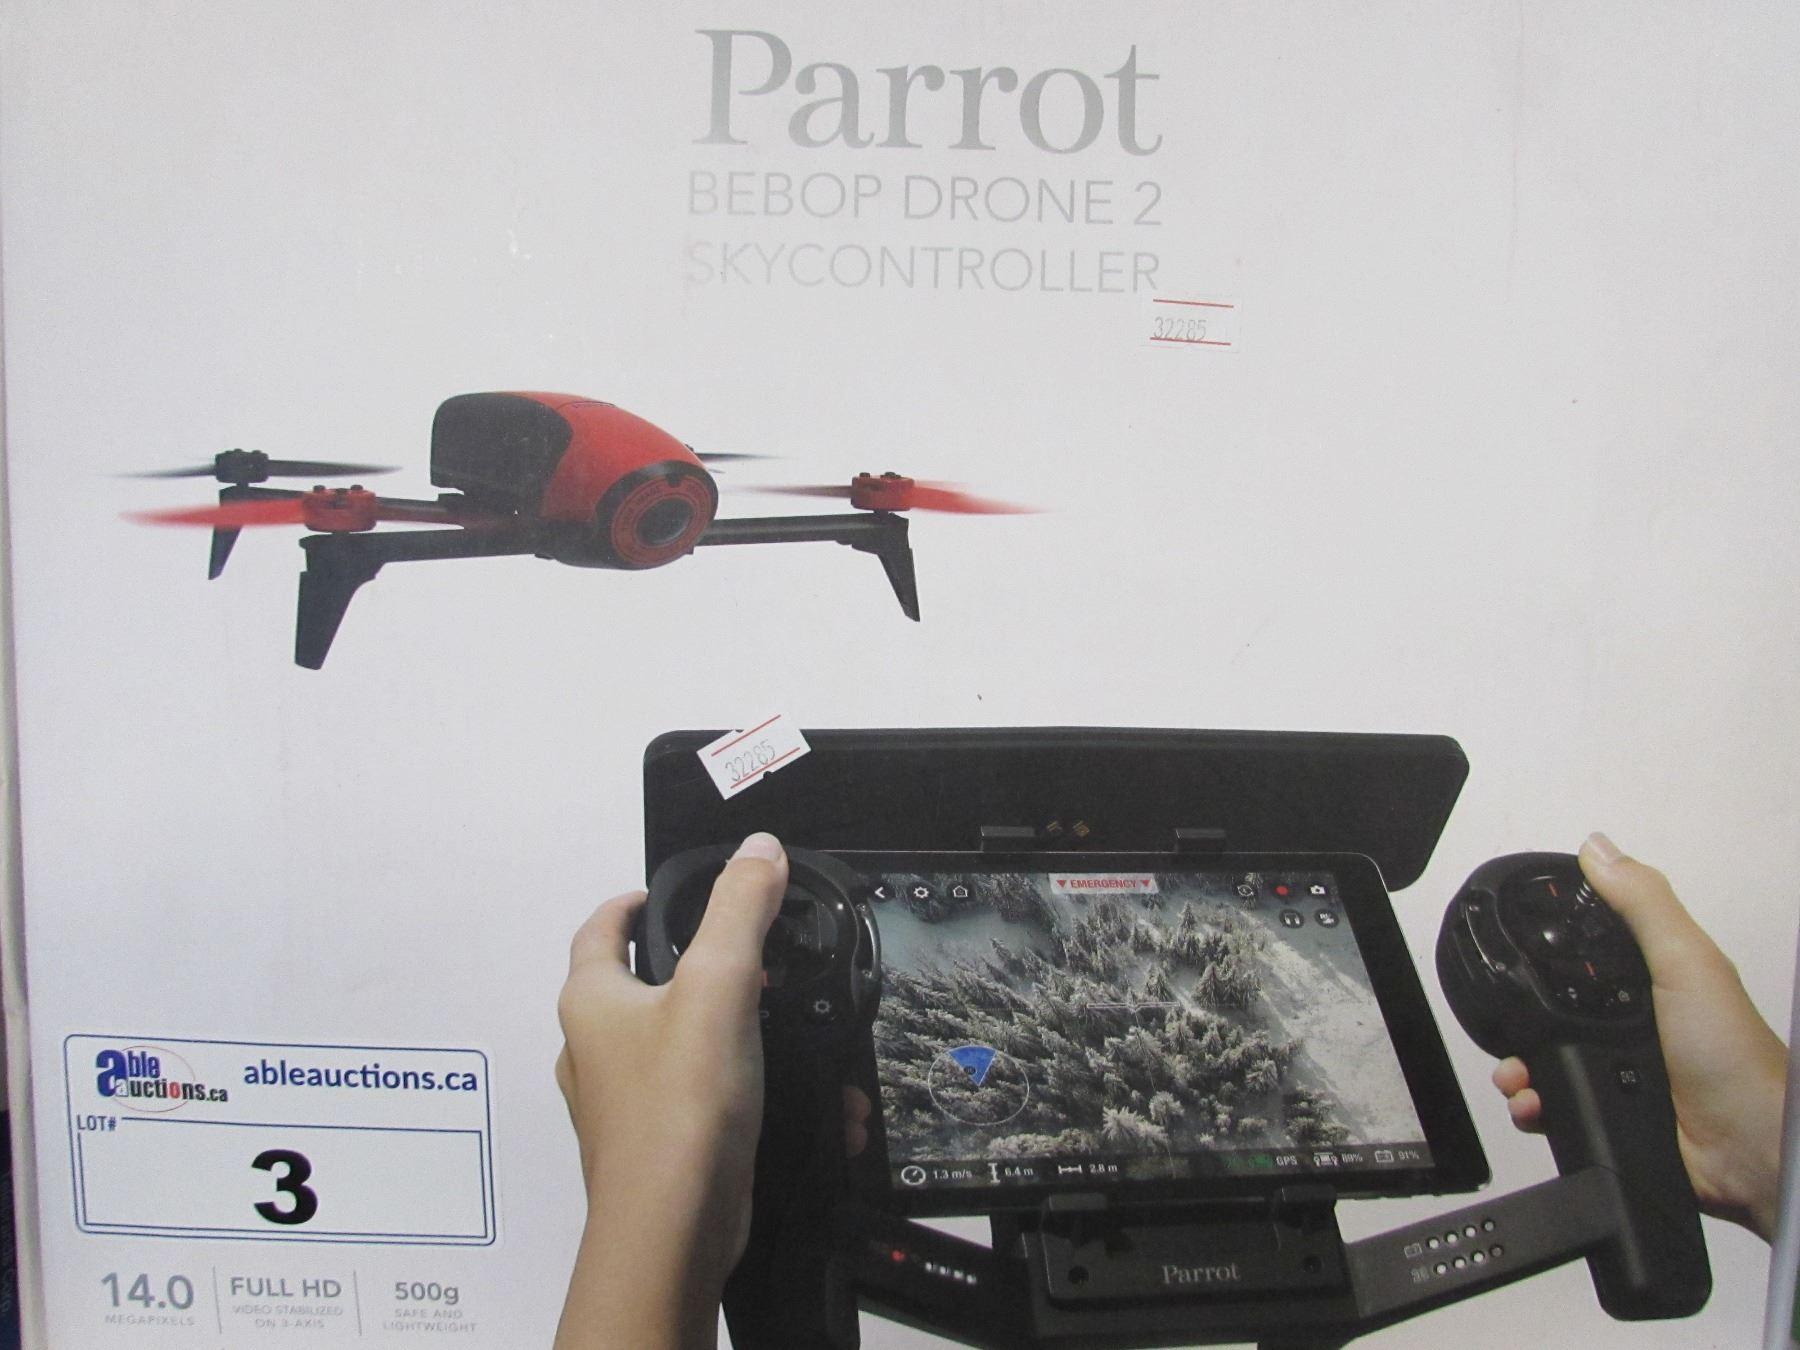 PARROT BEBOP HD DRONE 2 SKY CONTROLLER